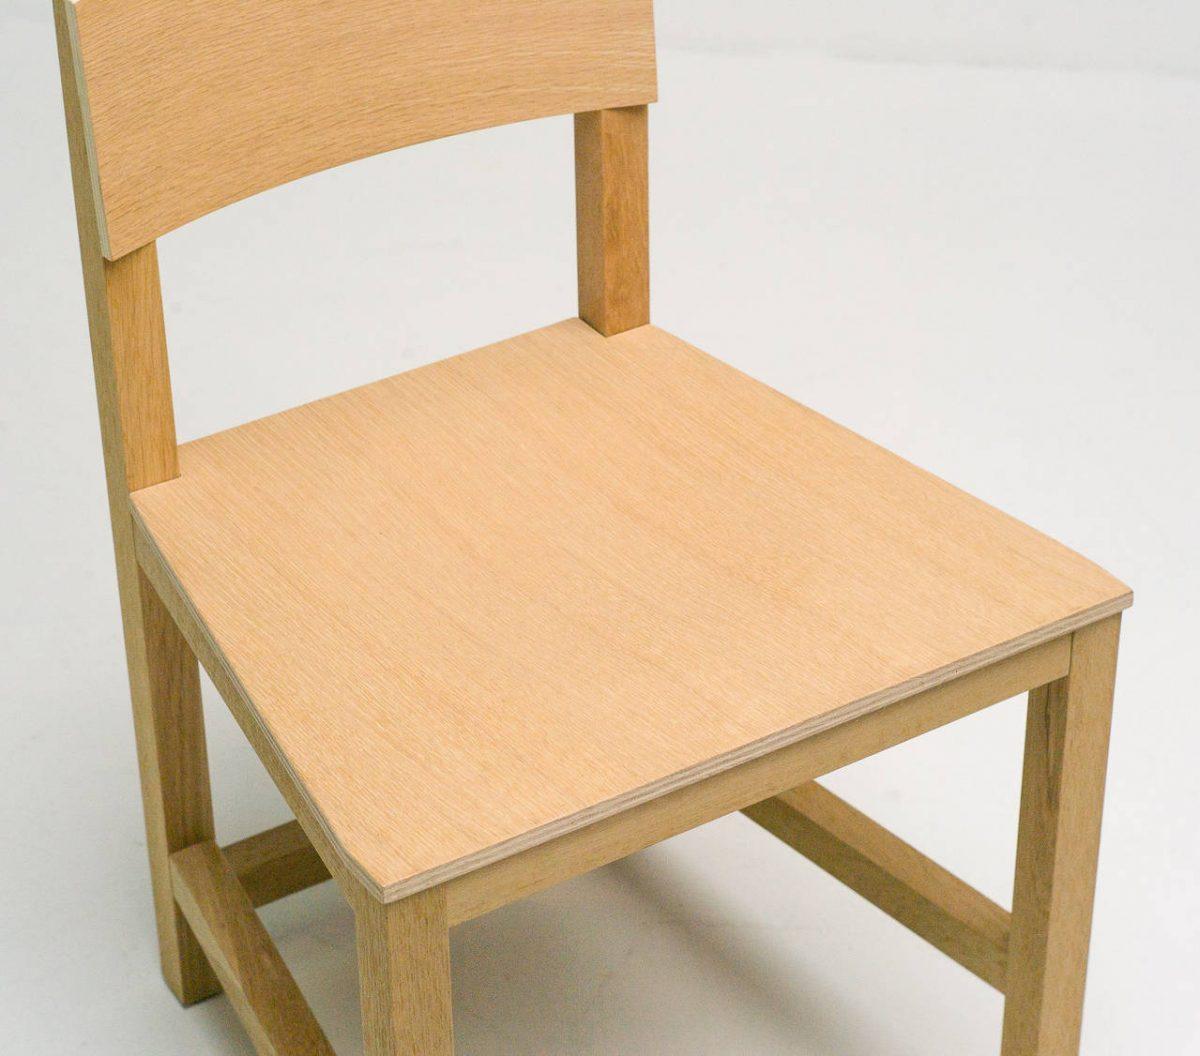 AVL Shaker stoel Lensvelt – Gimmii